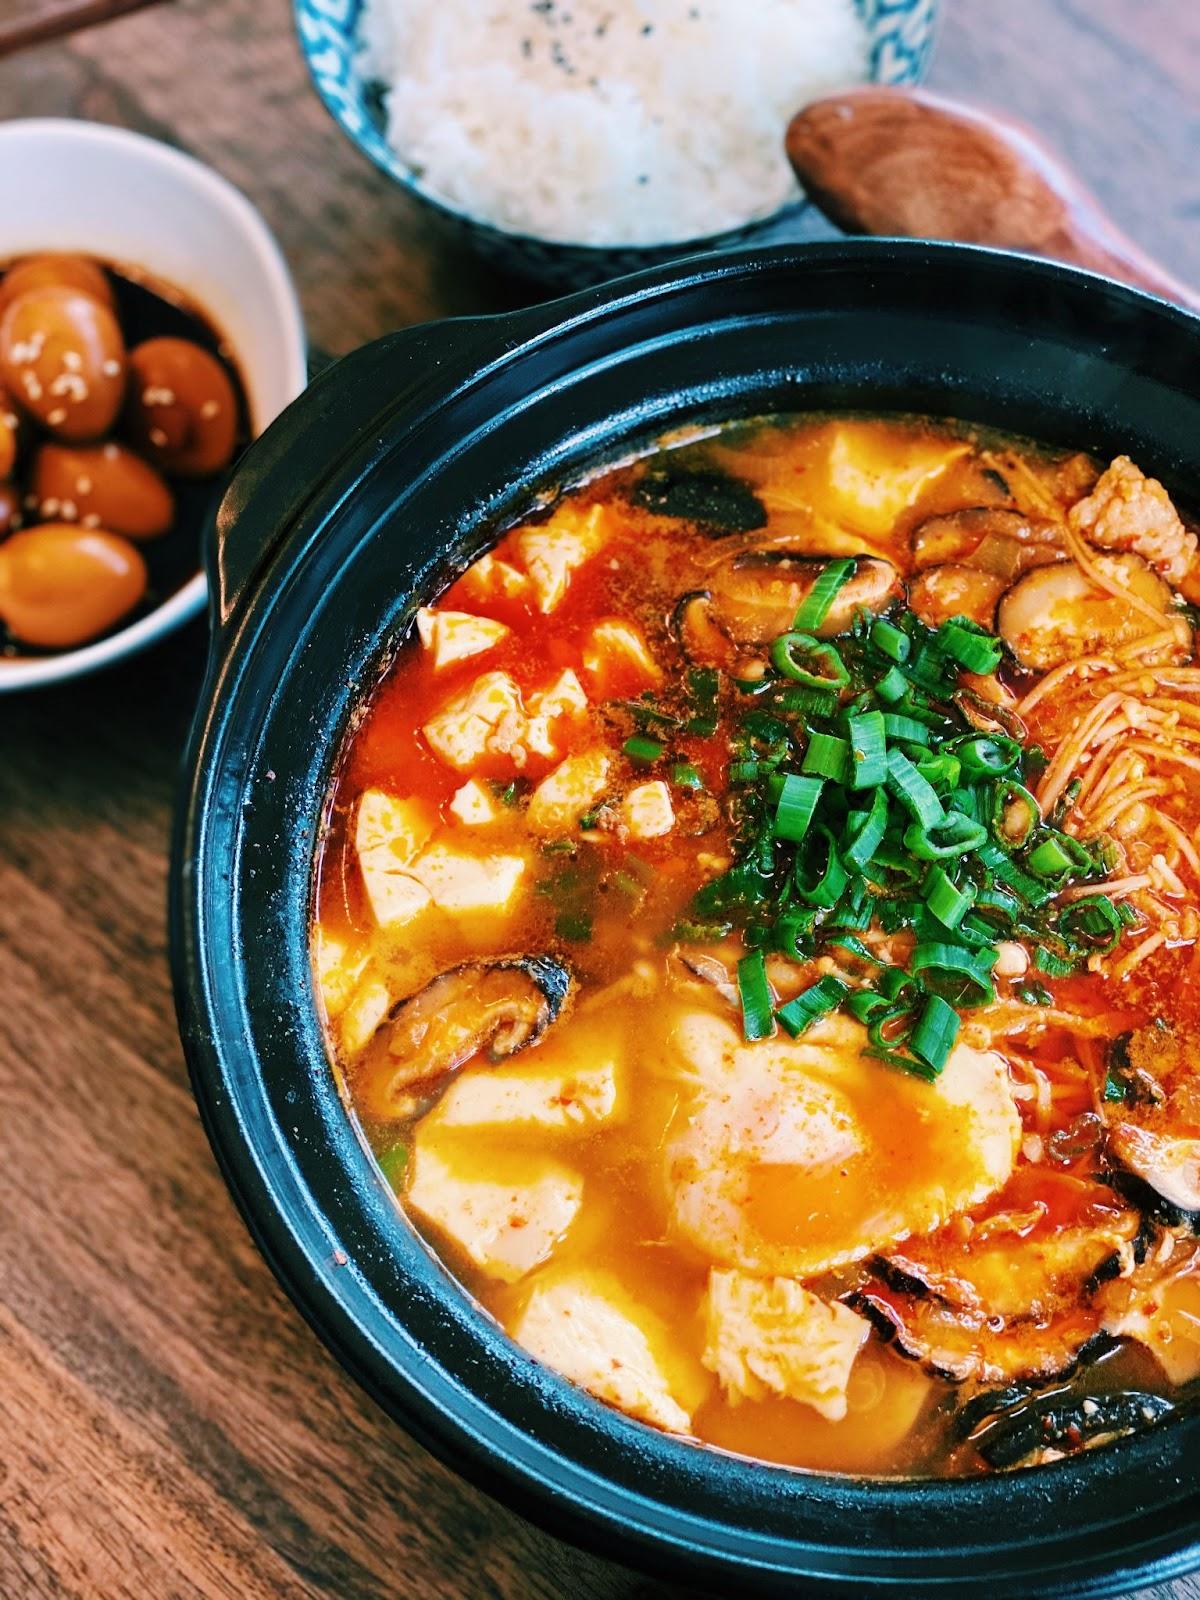 Korean Spicy Soft Tofu Stew